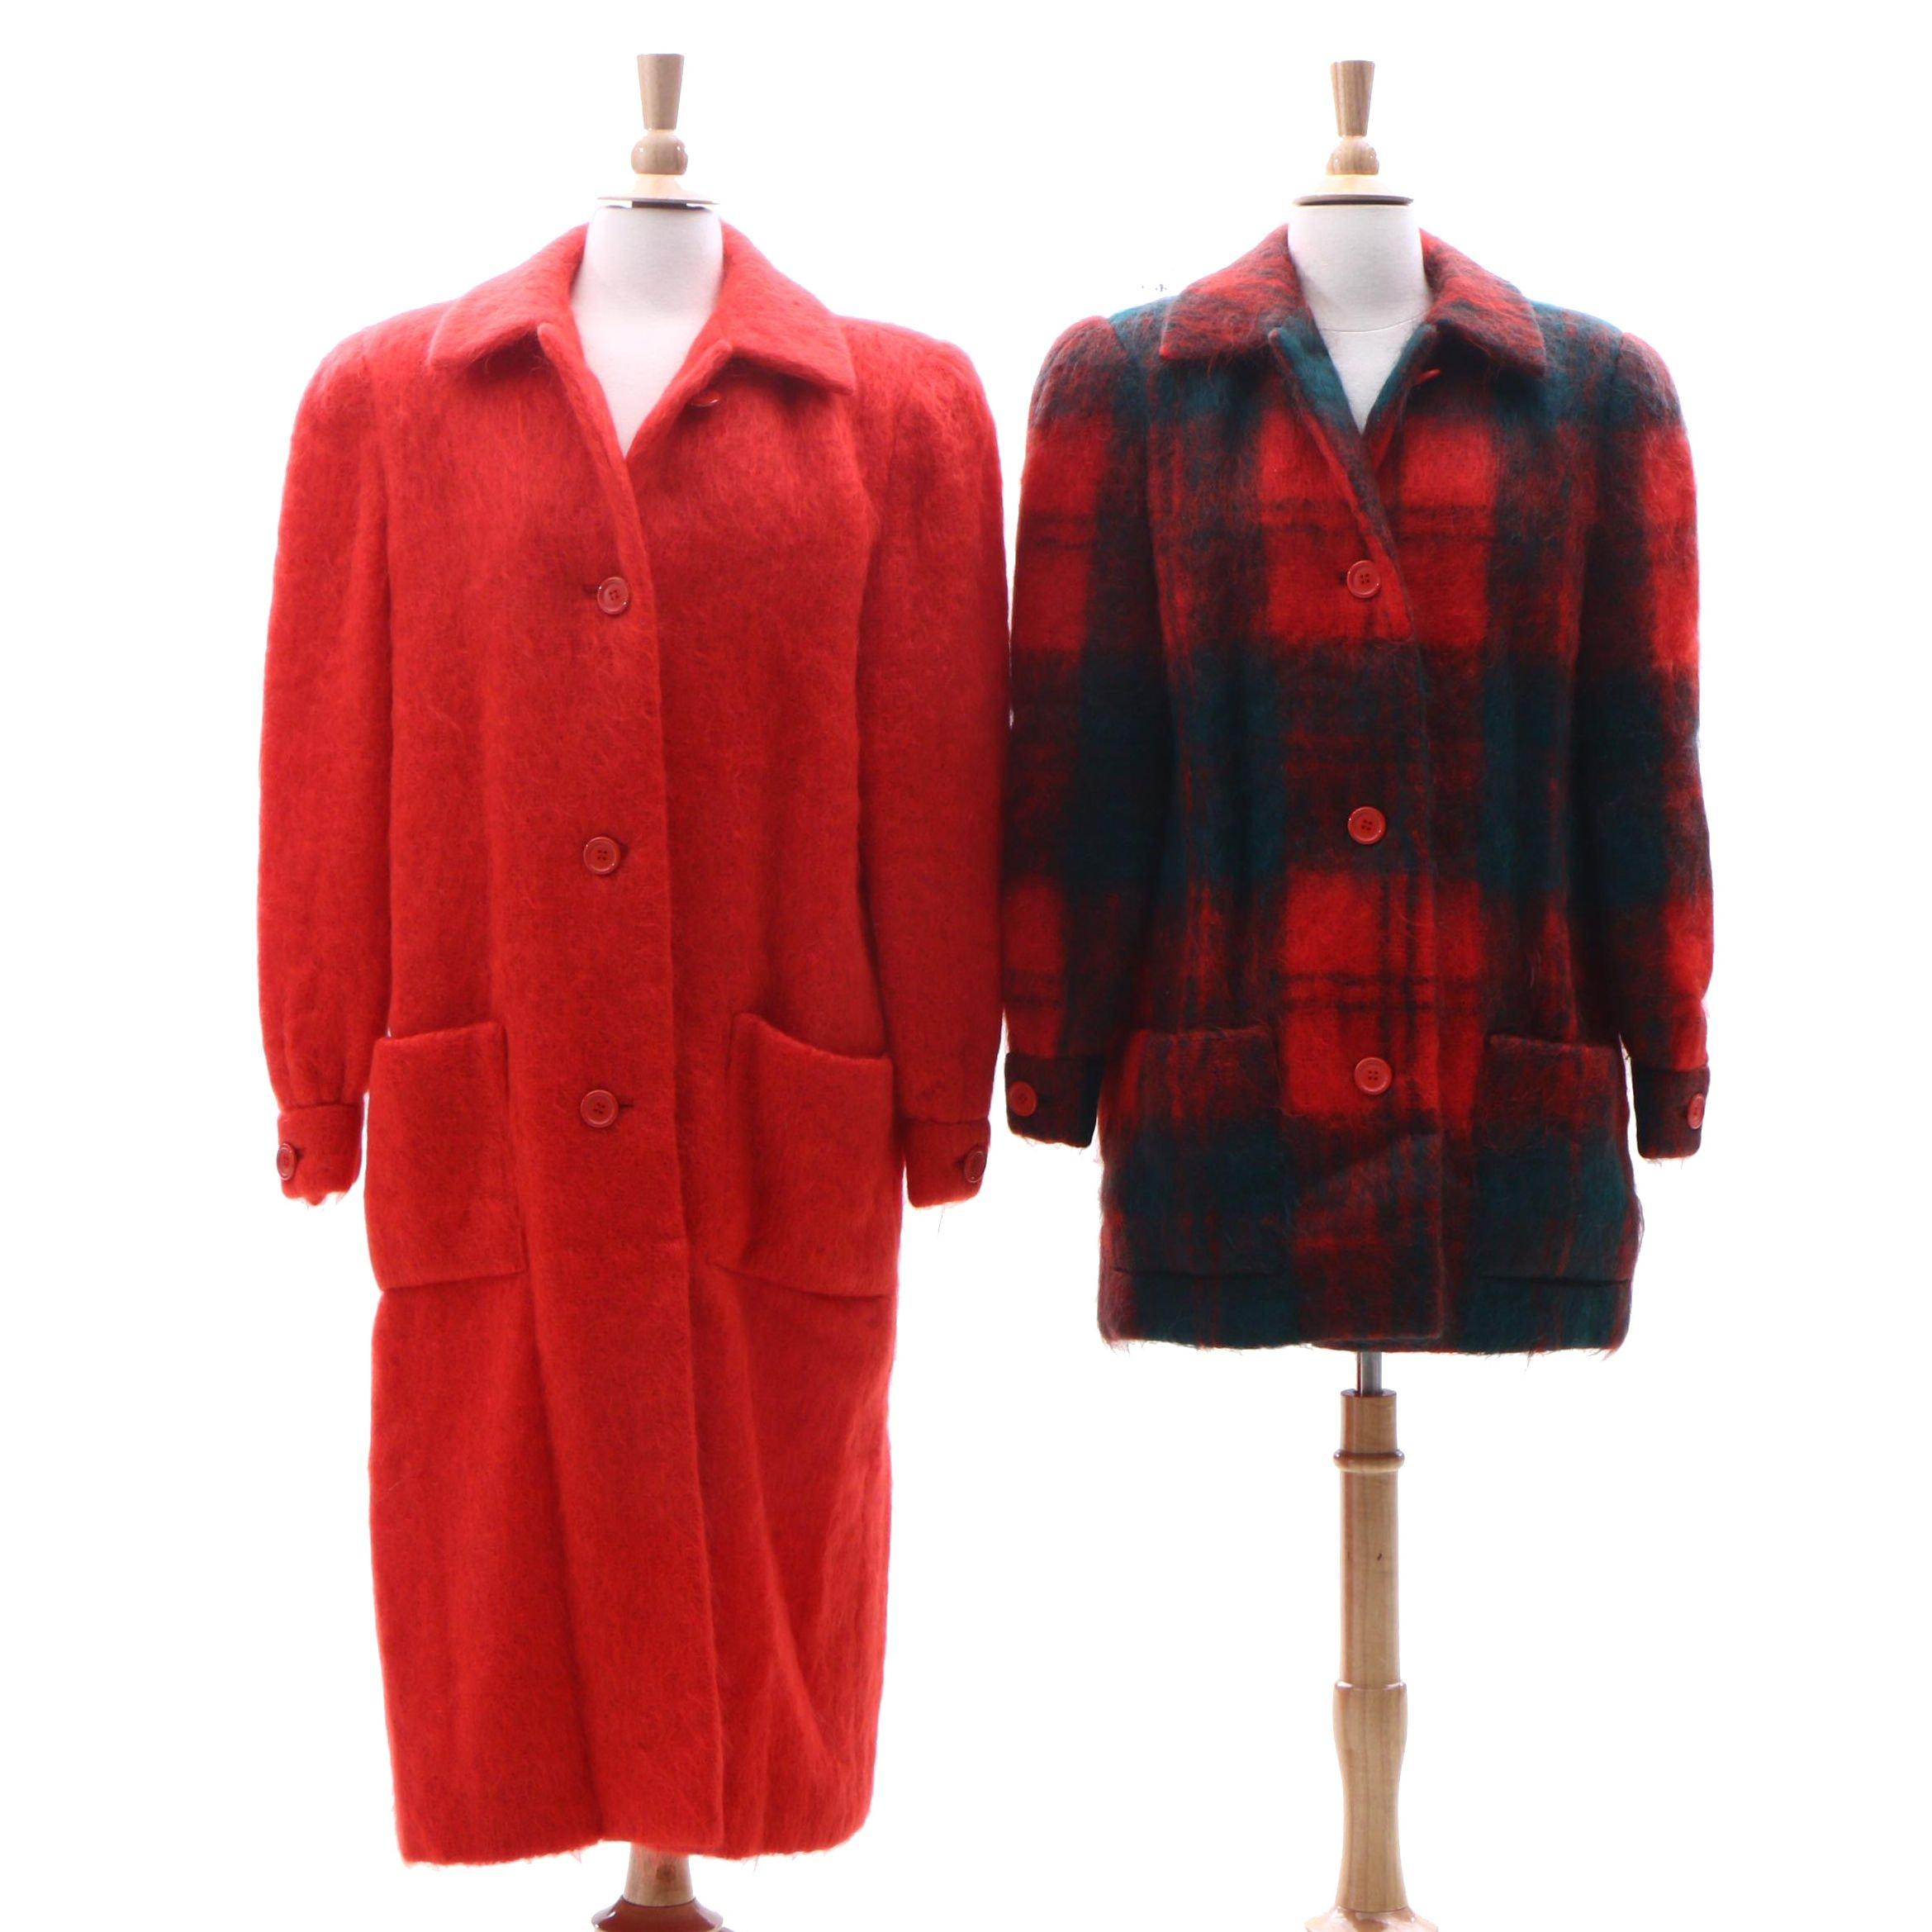 Helga Mohair Coats, 1980s Vintage